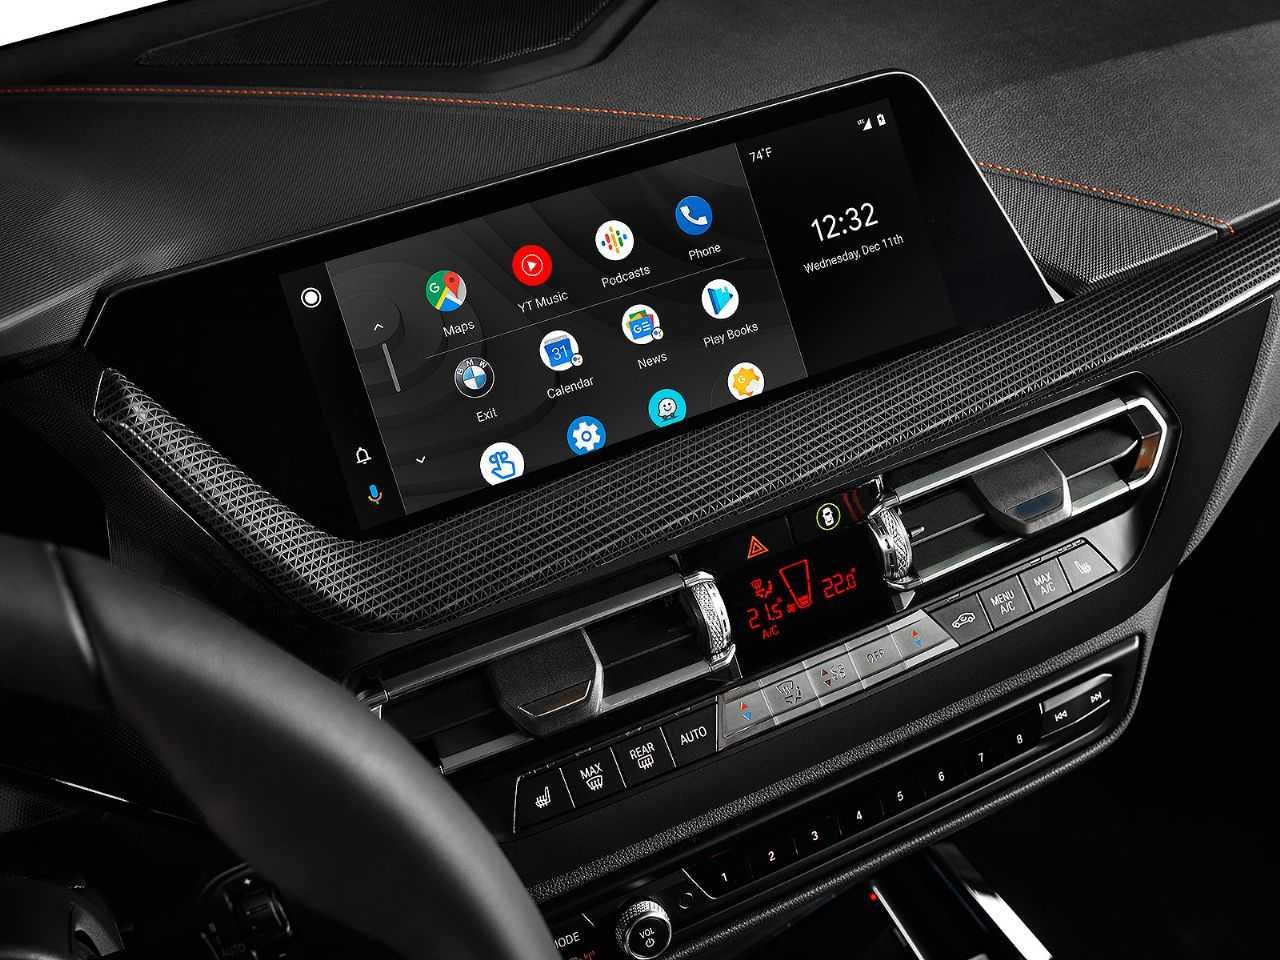 Detalhe do Android Auto operando em um modelo da BMW